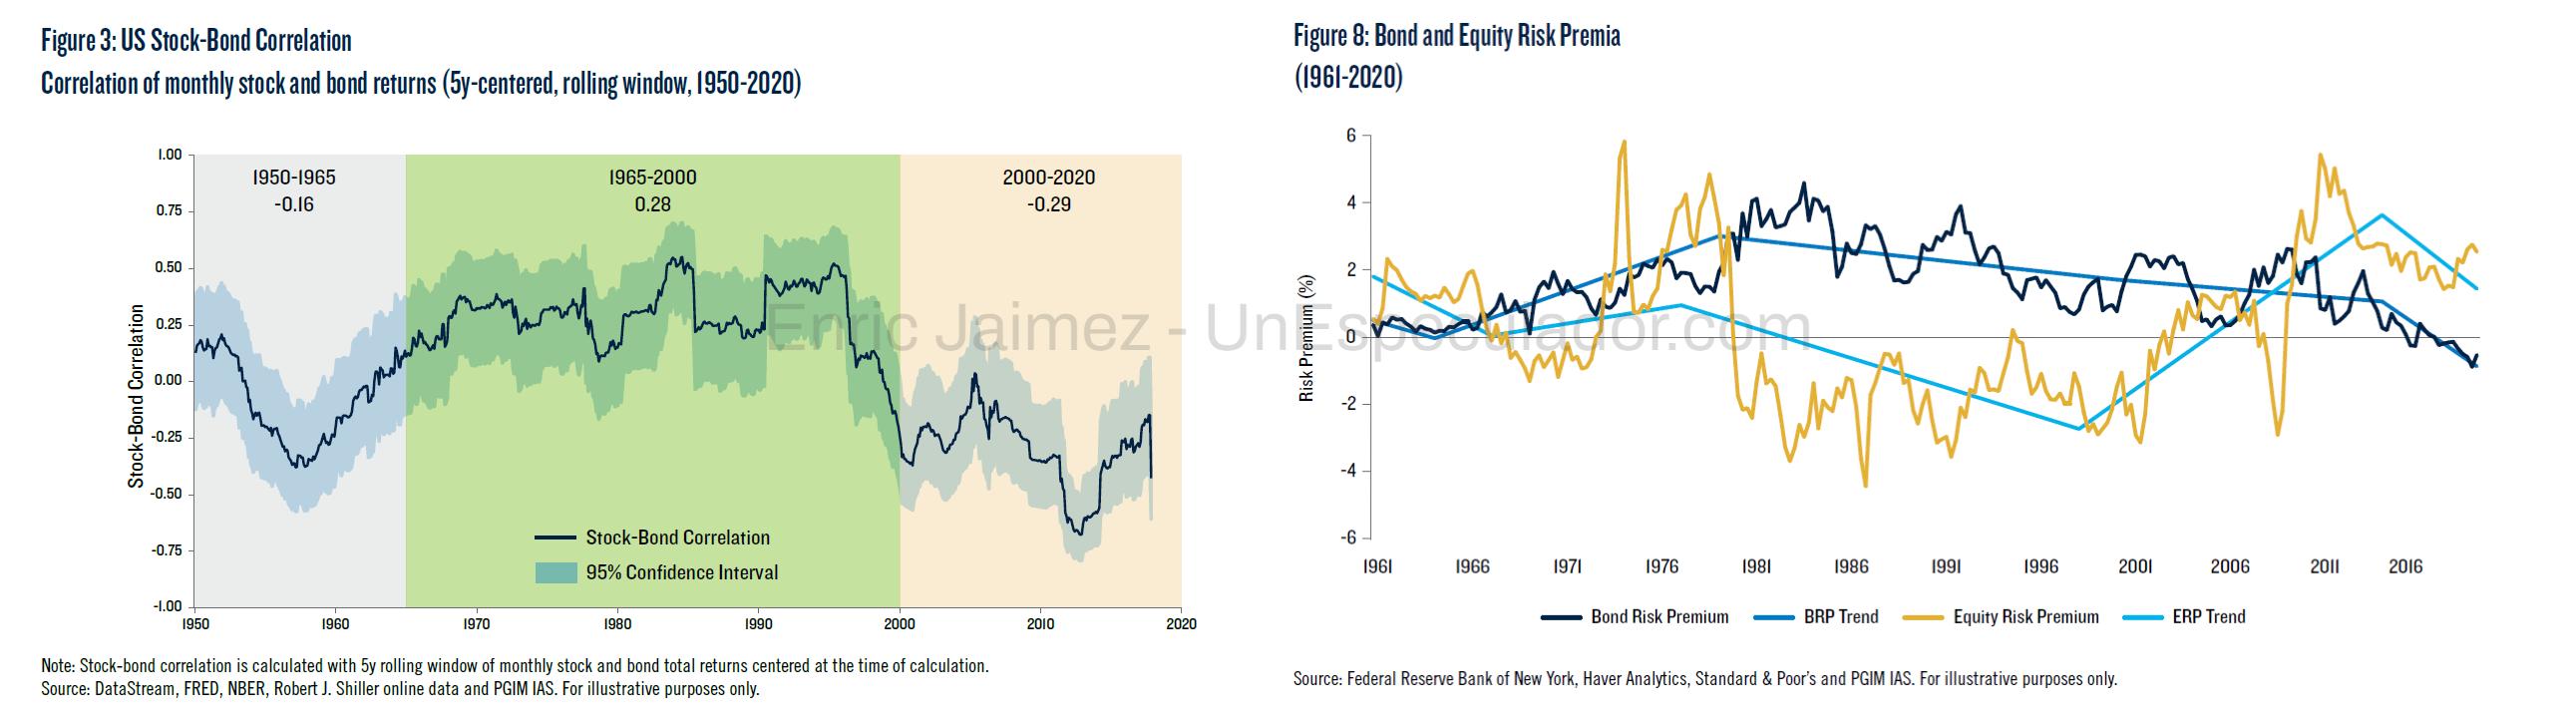 Correlaciones Acciones y Bonos - Enric Jaimez